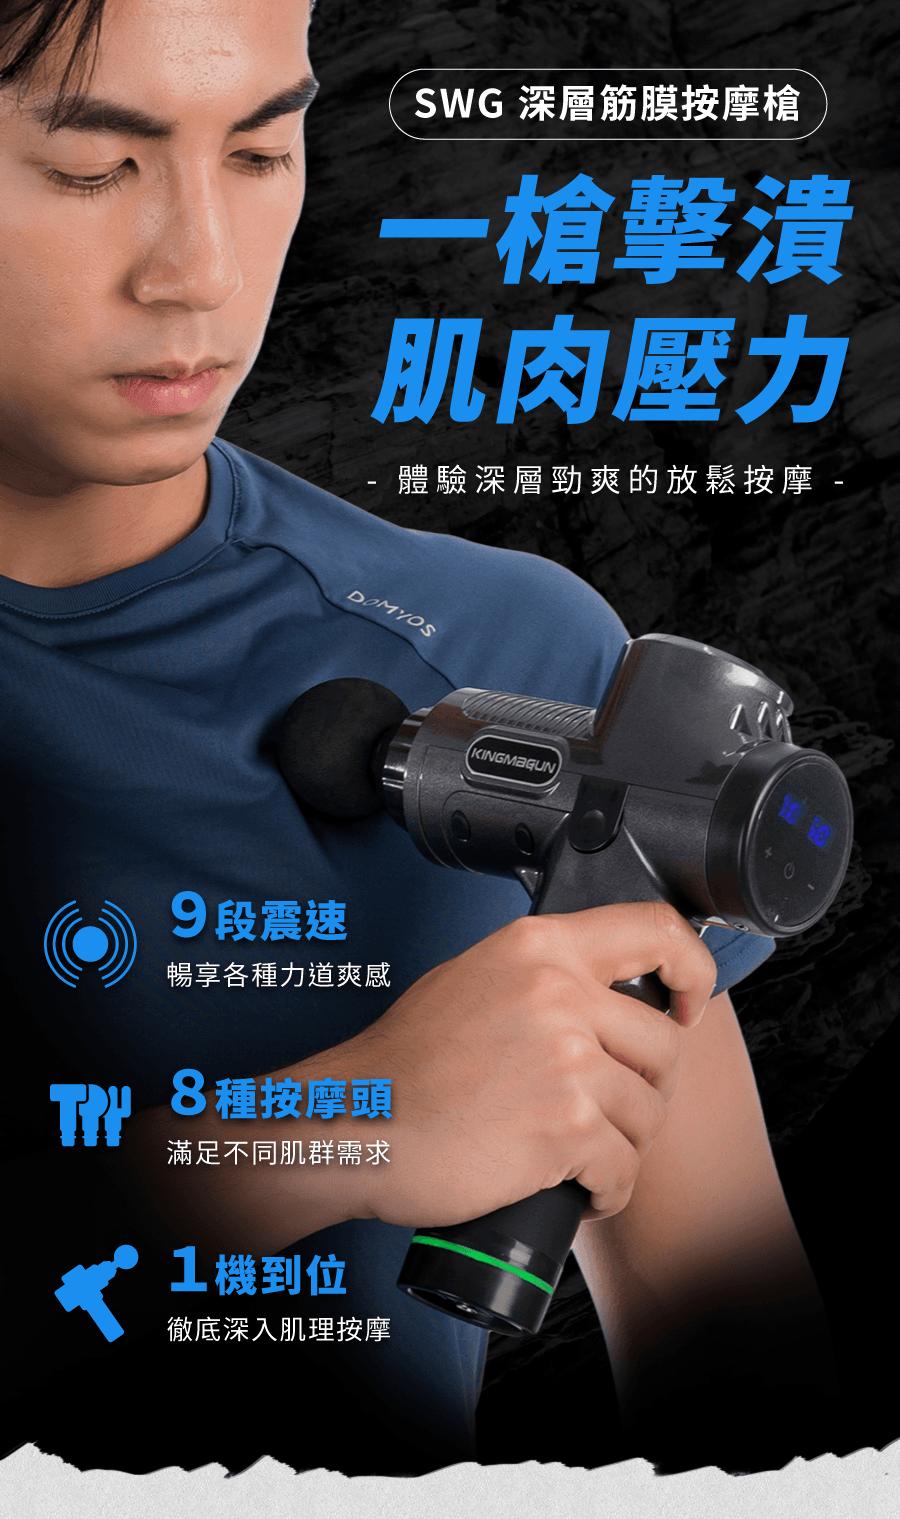 【SWG】筋膜按摩槍 (保固一年/BSMI認證/送八顆按摩頭/送收納盒) 1